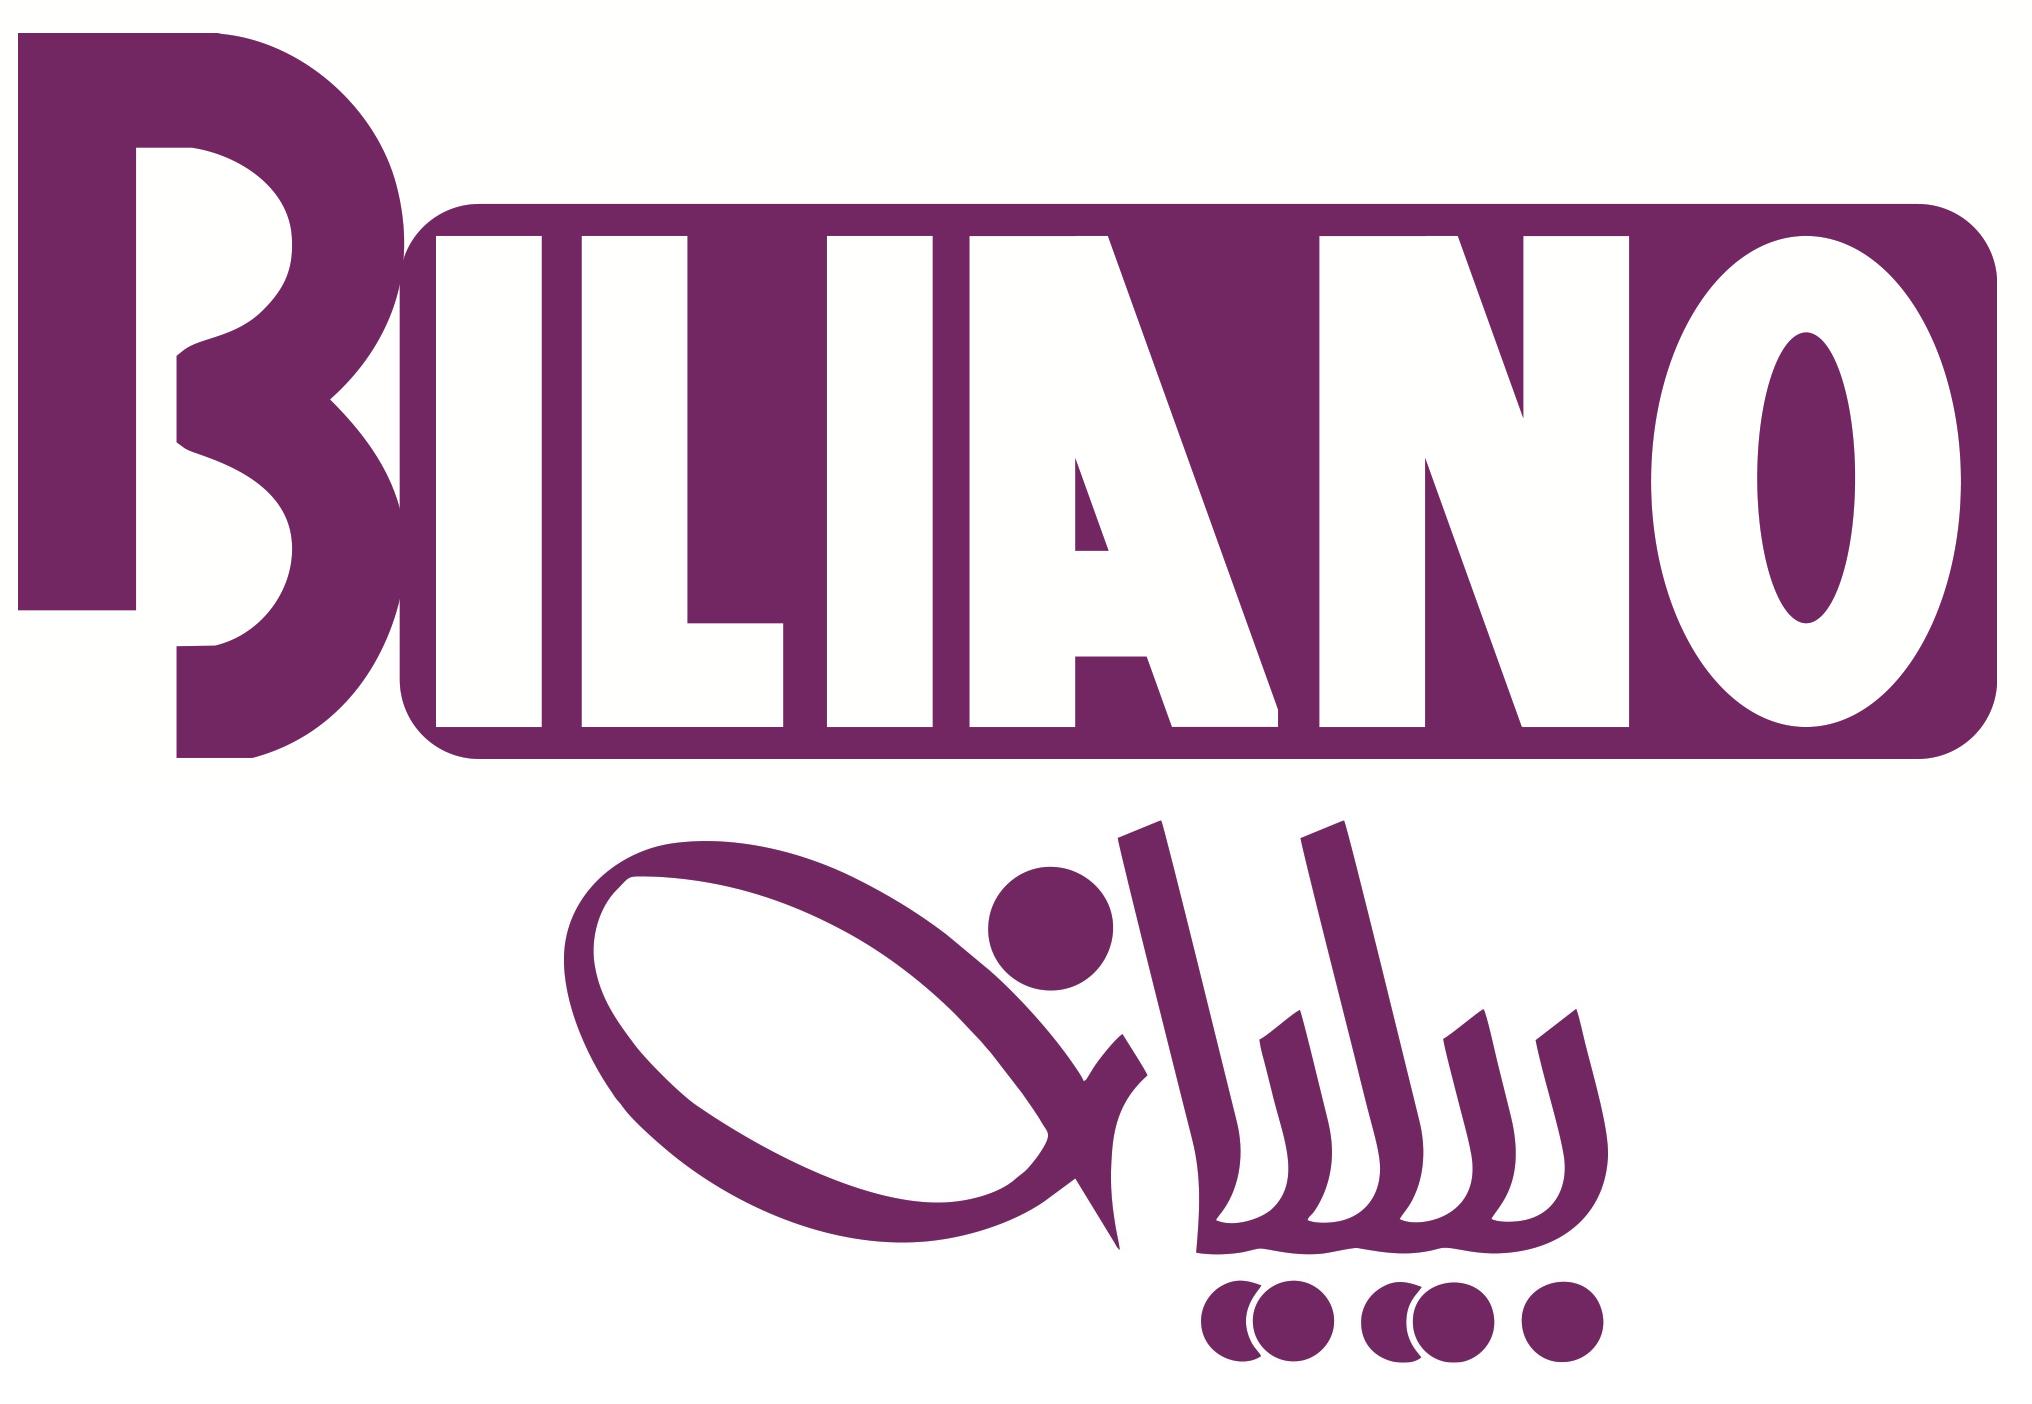 بیلیانو biliano